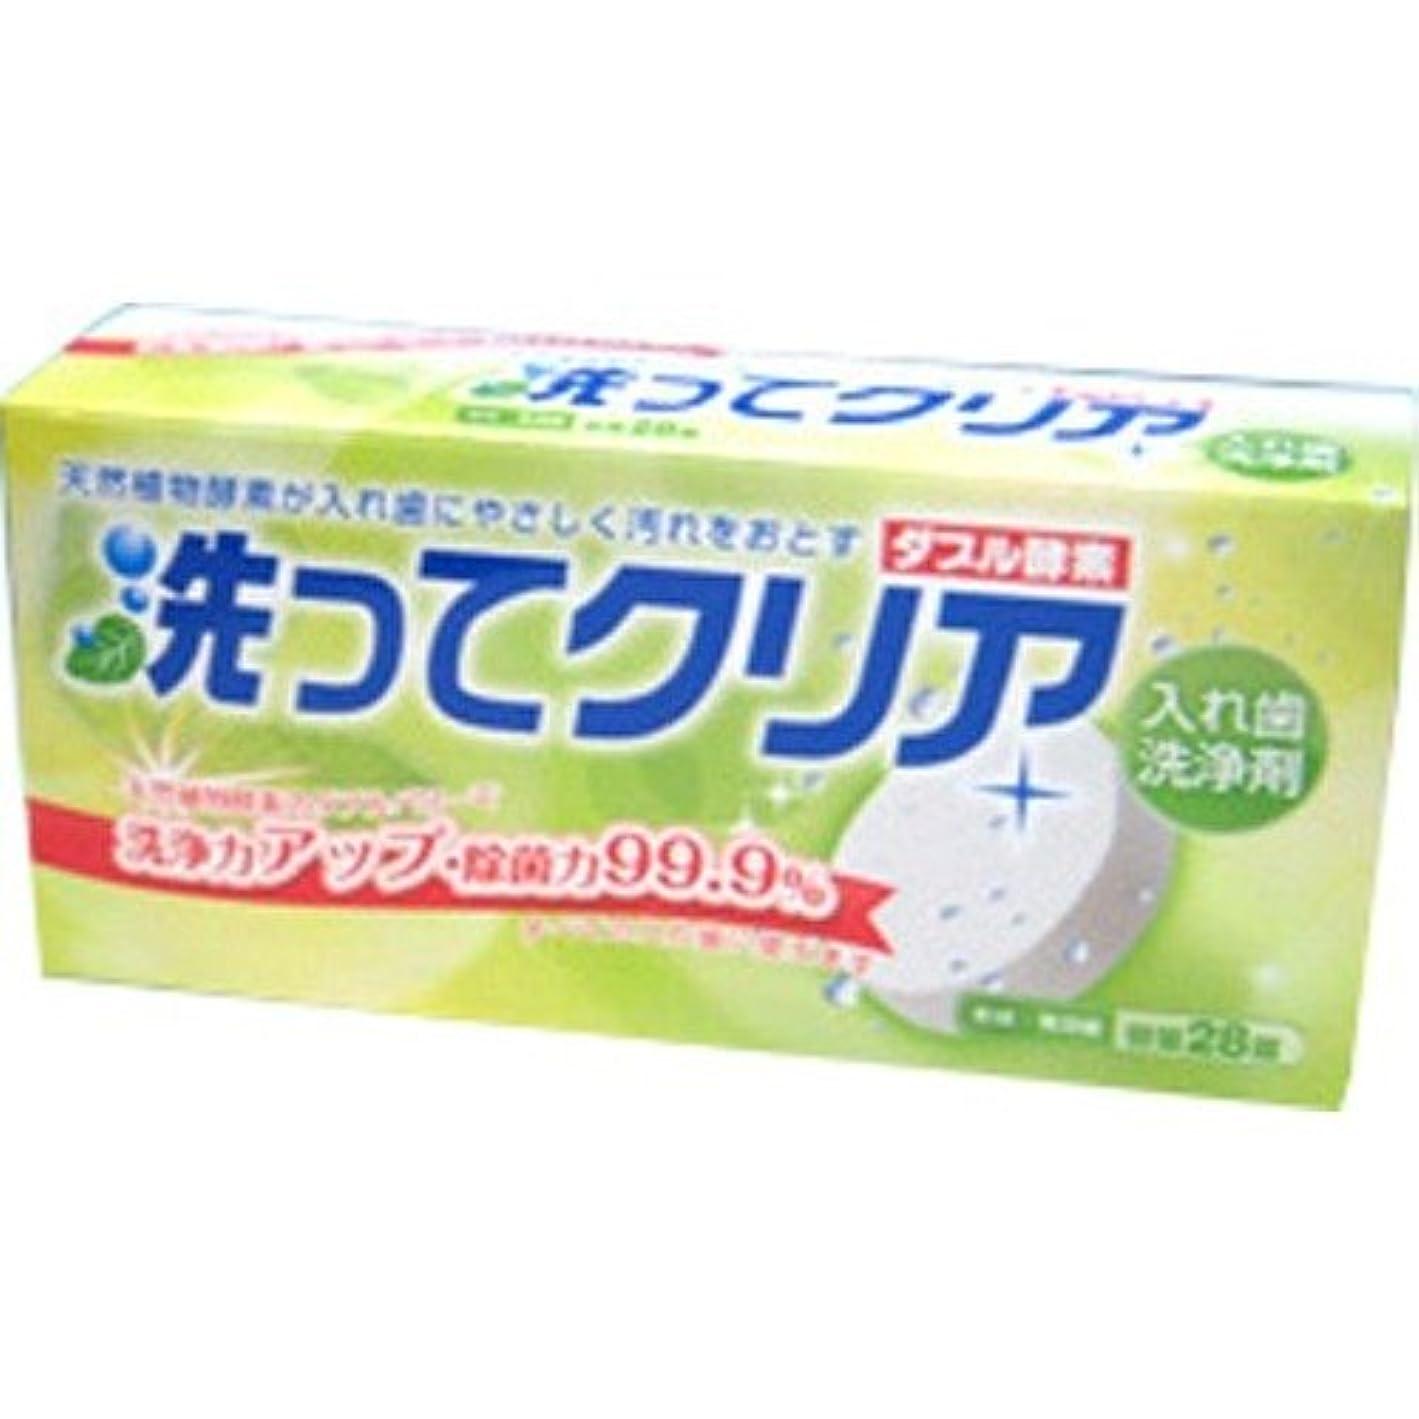 裏切りフラスコ熱心な東伸洋行株式会社 洗ってクリア ダブル酵素 28錠 入れ歯洗浄剤